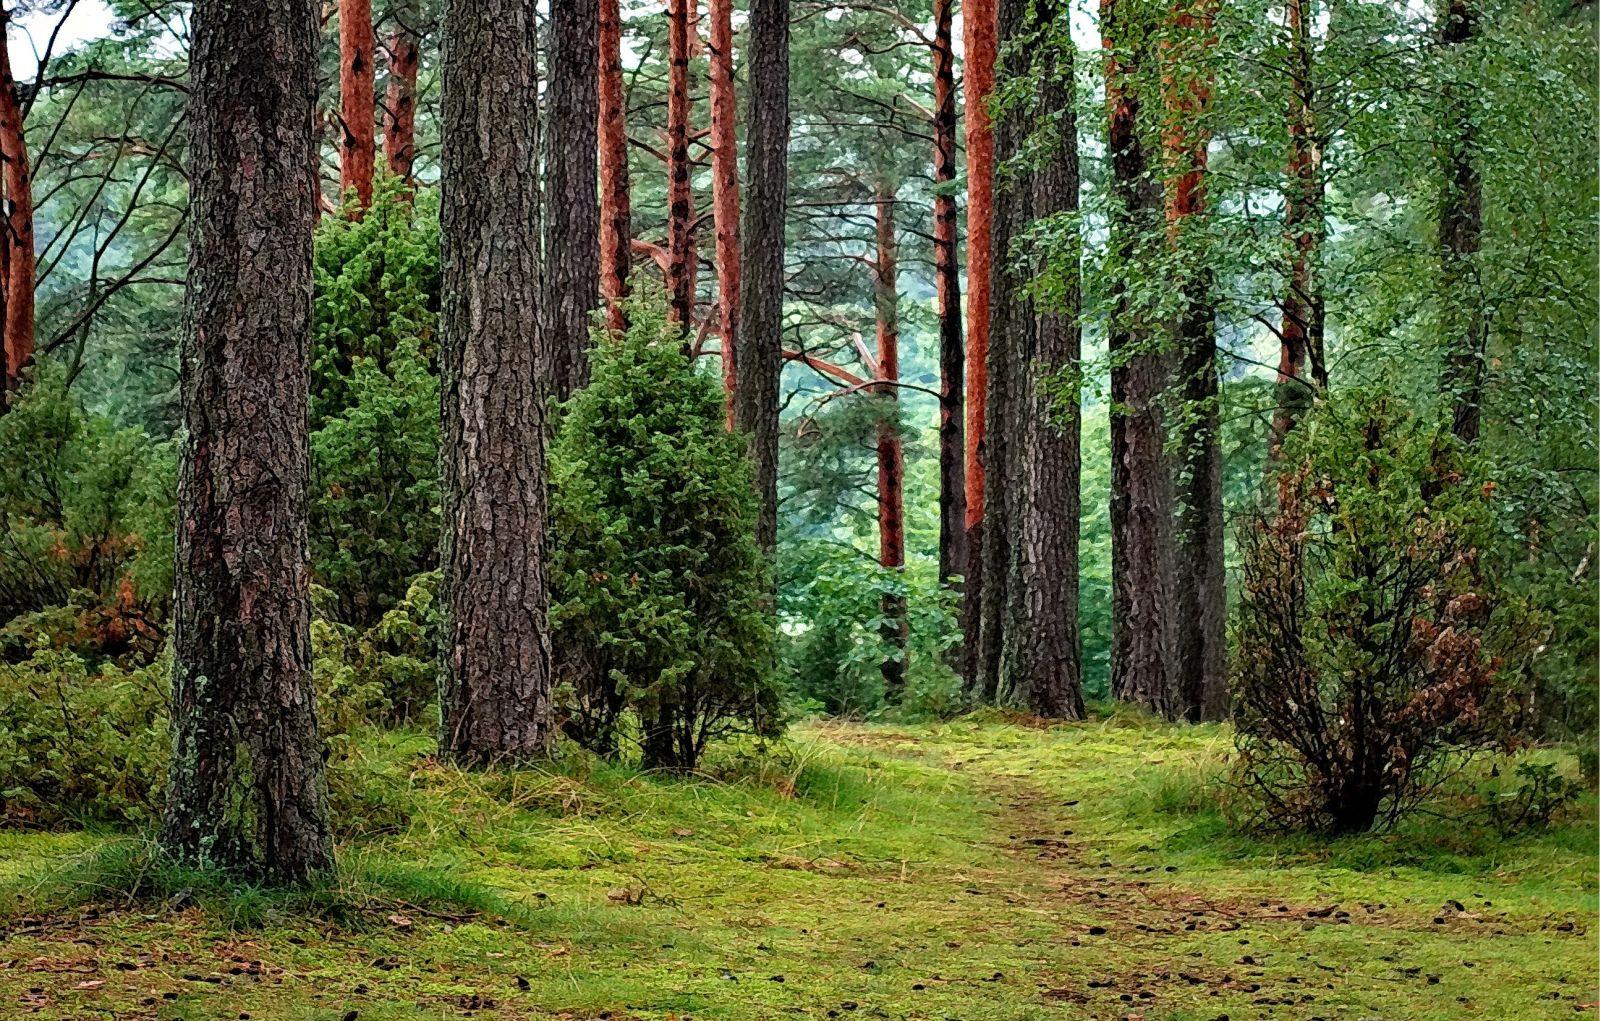 Nachhaltige Forstwirtschaft Zuru00fcck Zur Natur Zuru00fcck Zum Mischwald | Gute Nachrichten